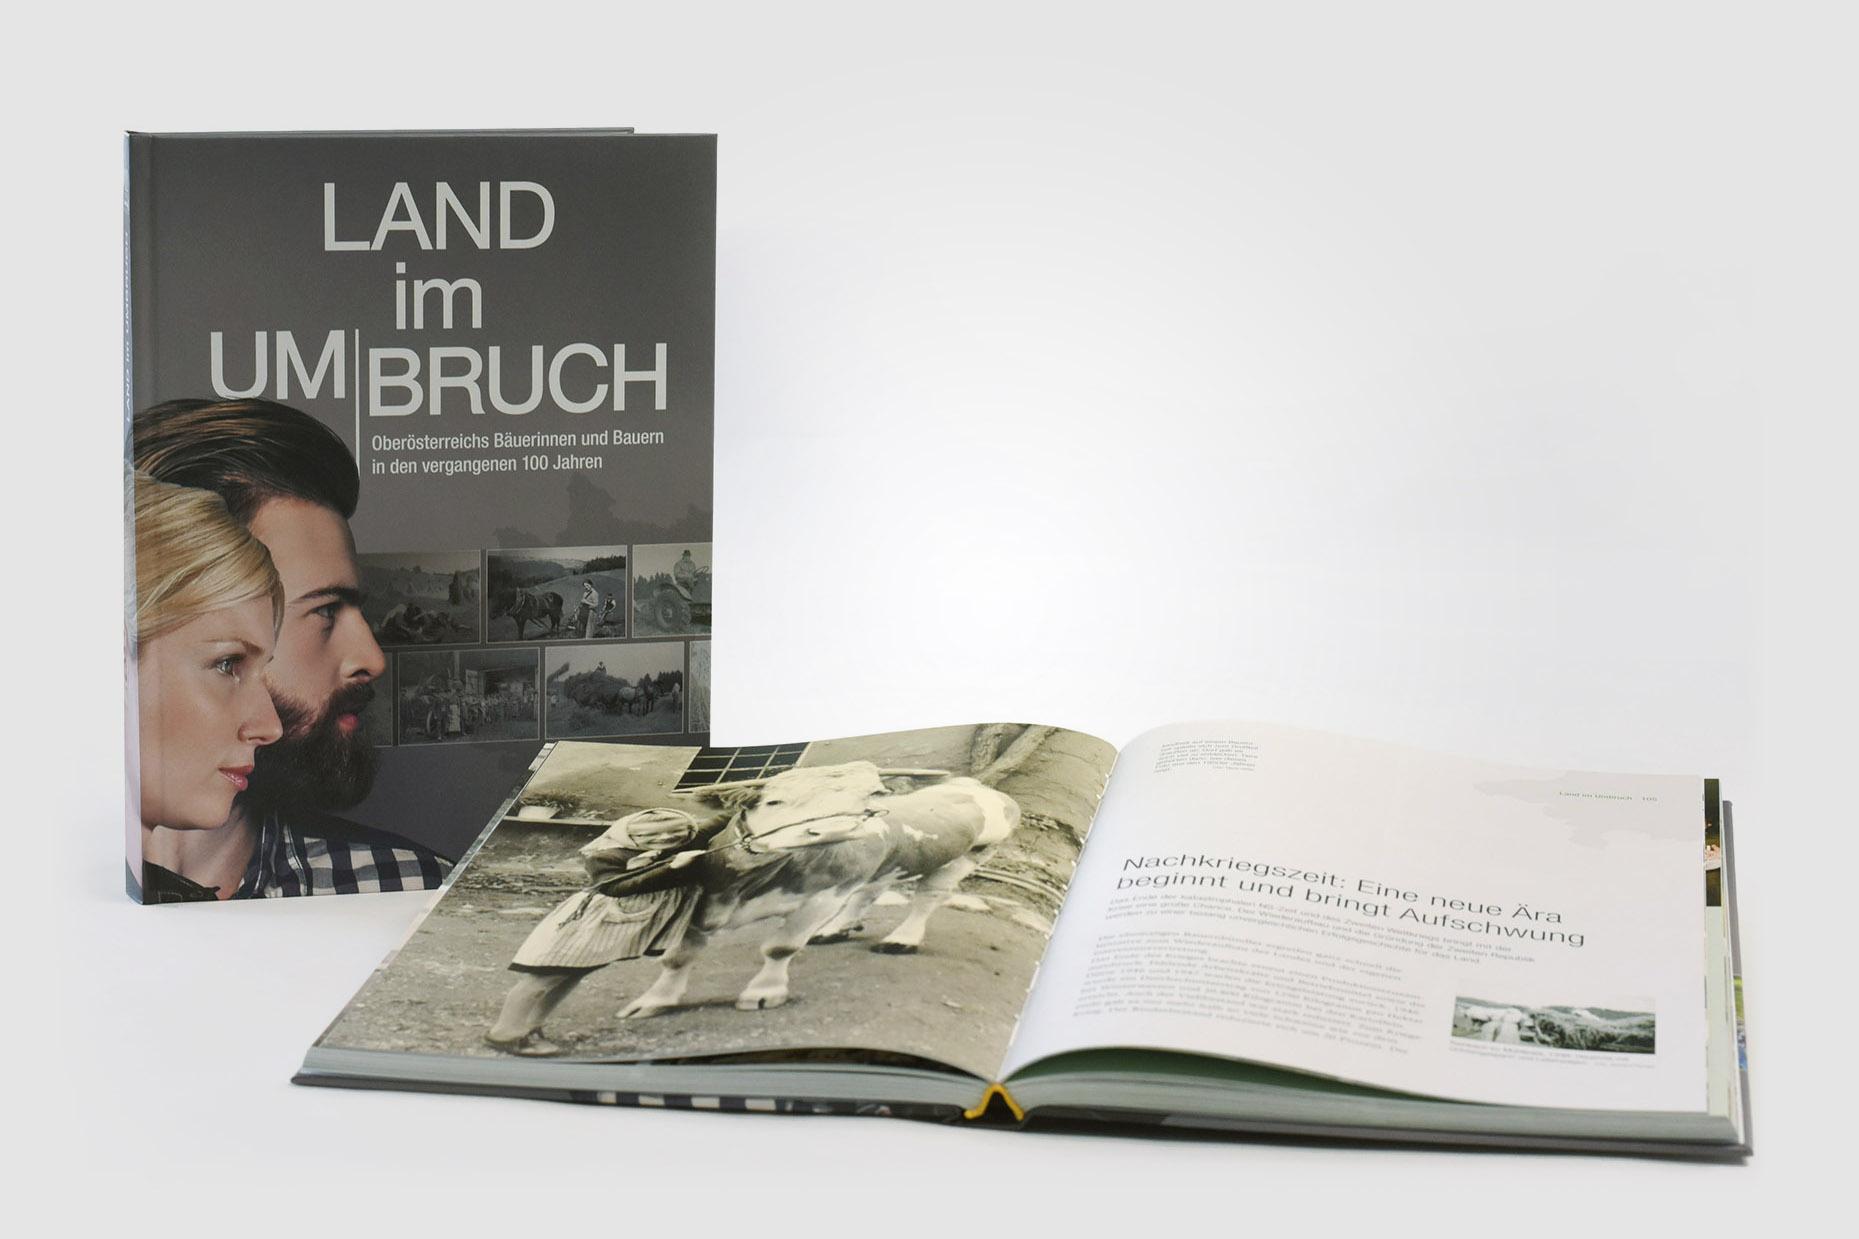 oÖ-bauernbund-jubiläumsbuch-image-1